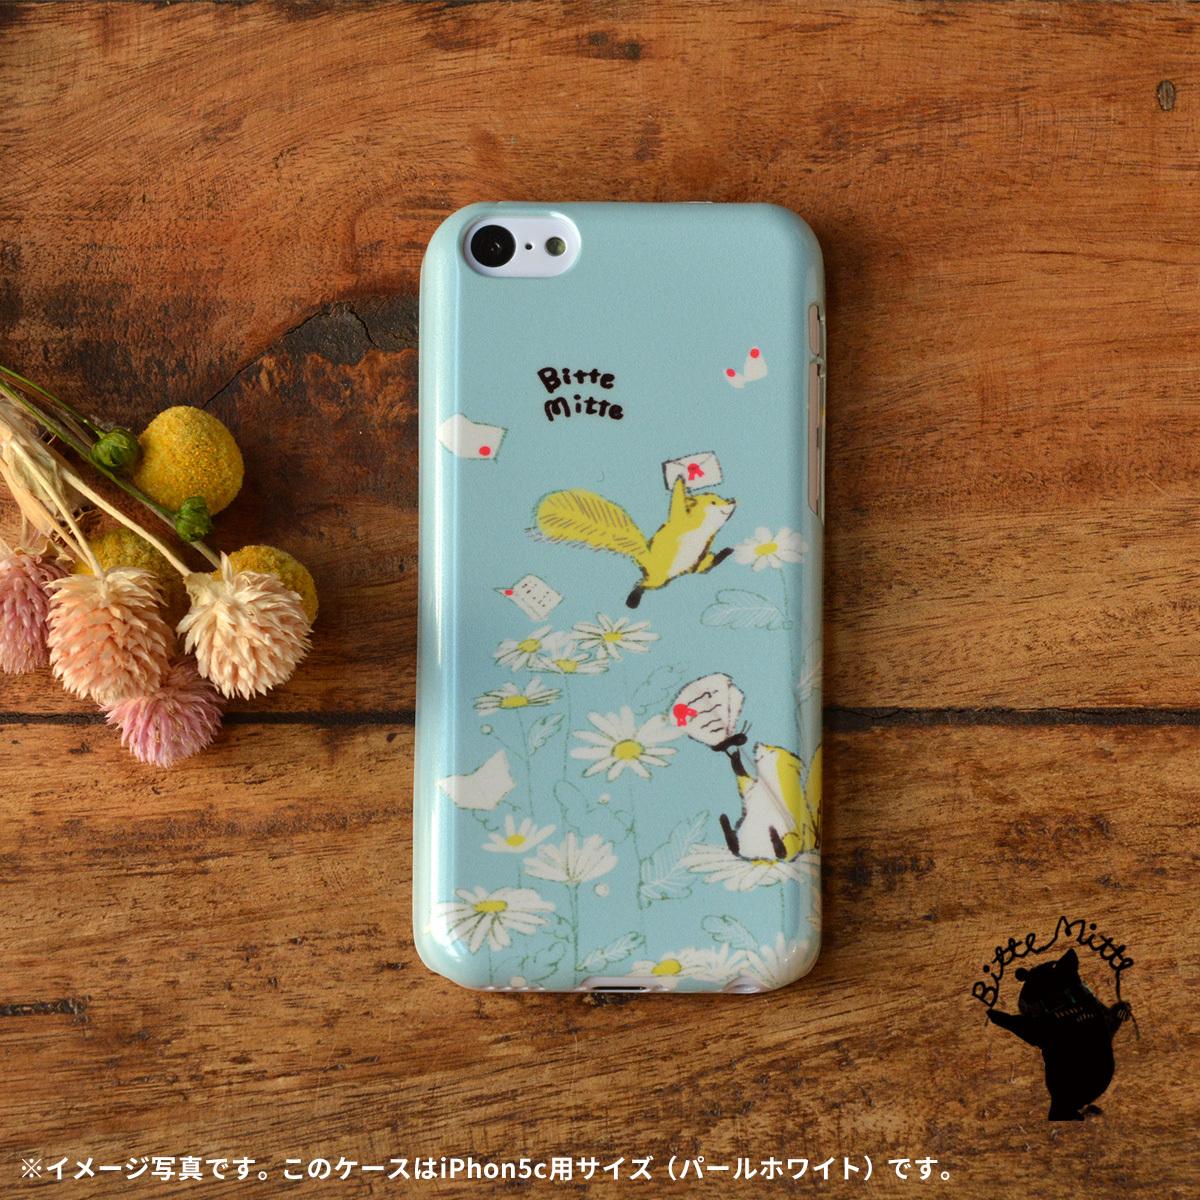 【限定色】iphone5c ケース ハードケース アイフォン5c ケース ハード iphone5c ケース キラキラ かわいい りす キラキラ リスと郵便